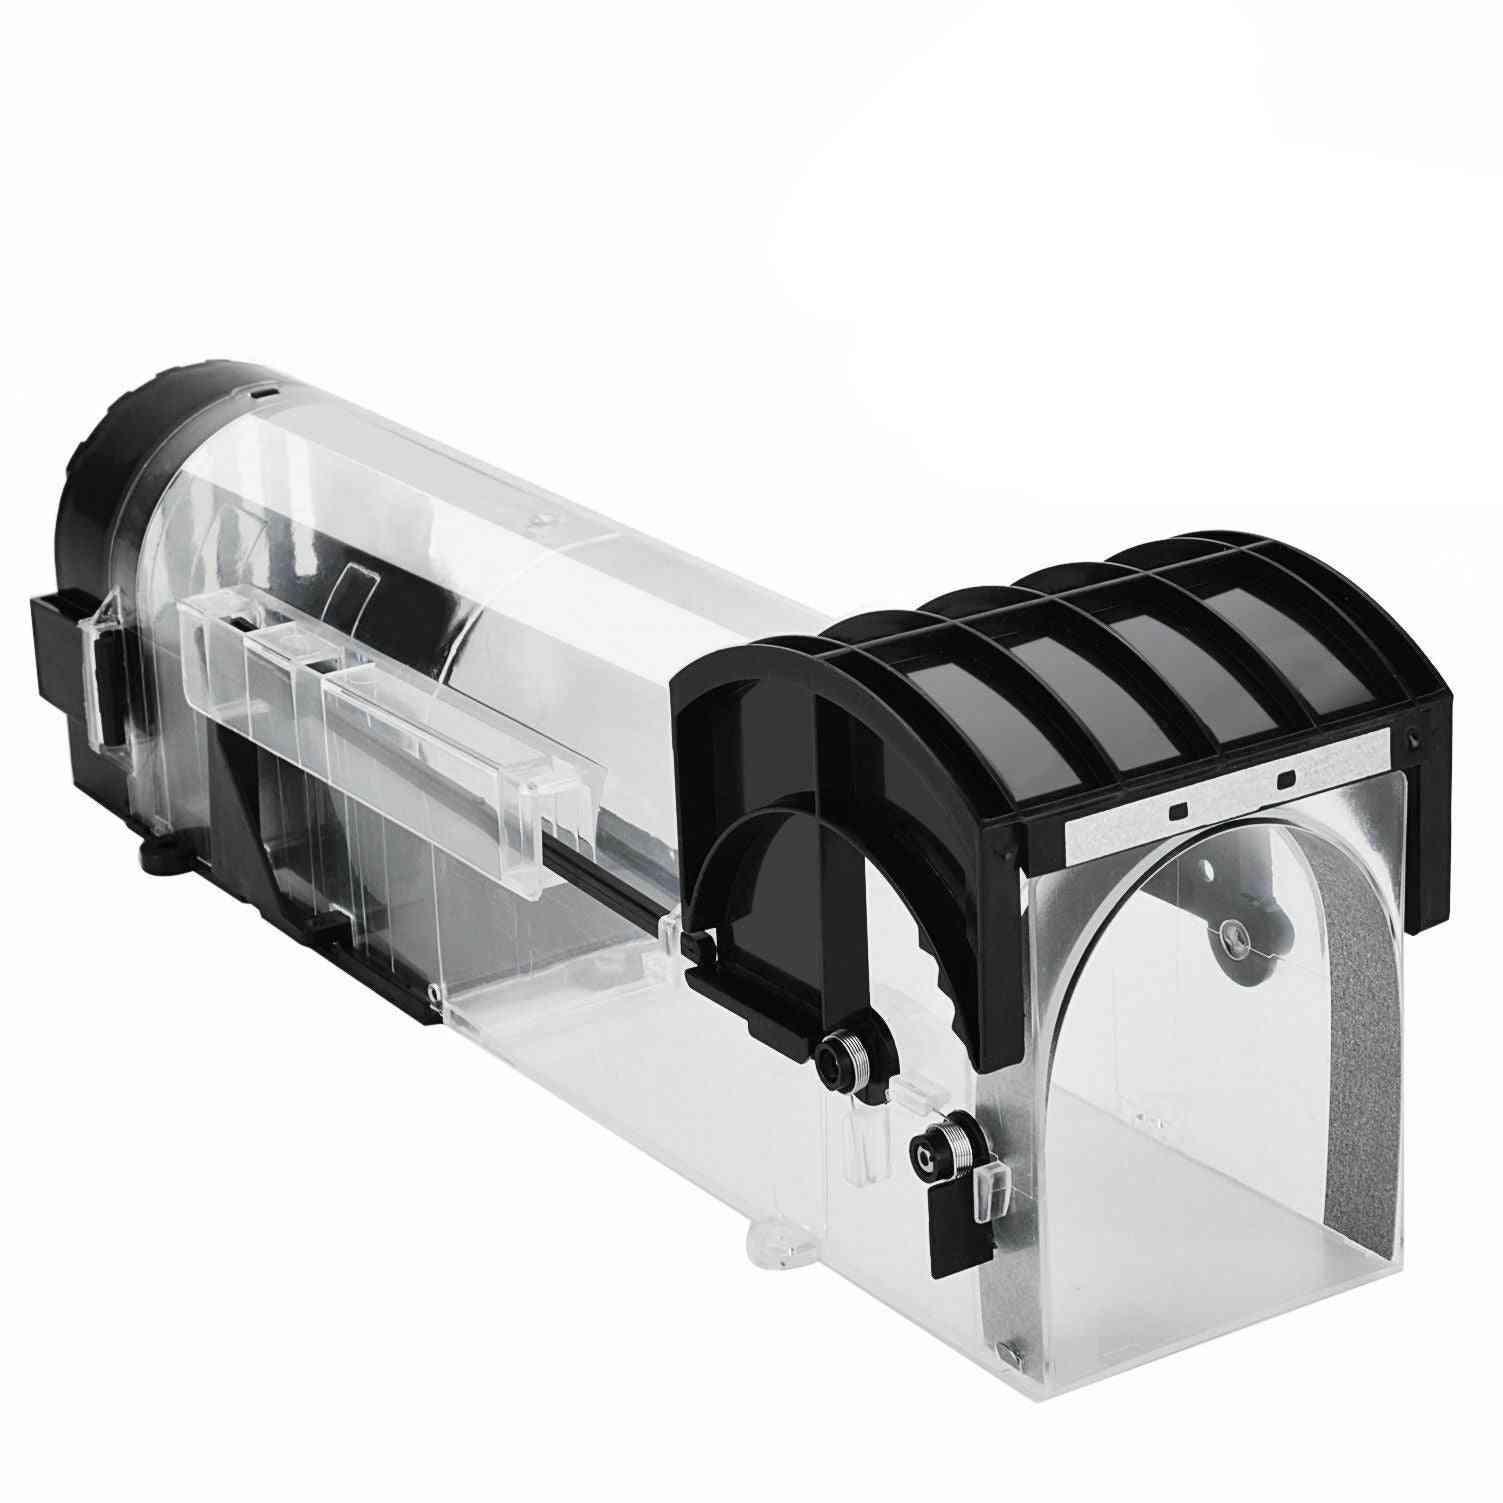 Reusable Humane- Clear Plastic, No-kill Smart Mouse, Trap Catcher  (1 Pcs)